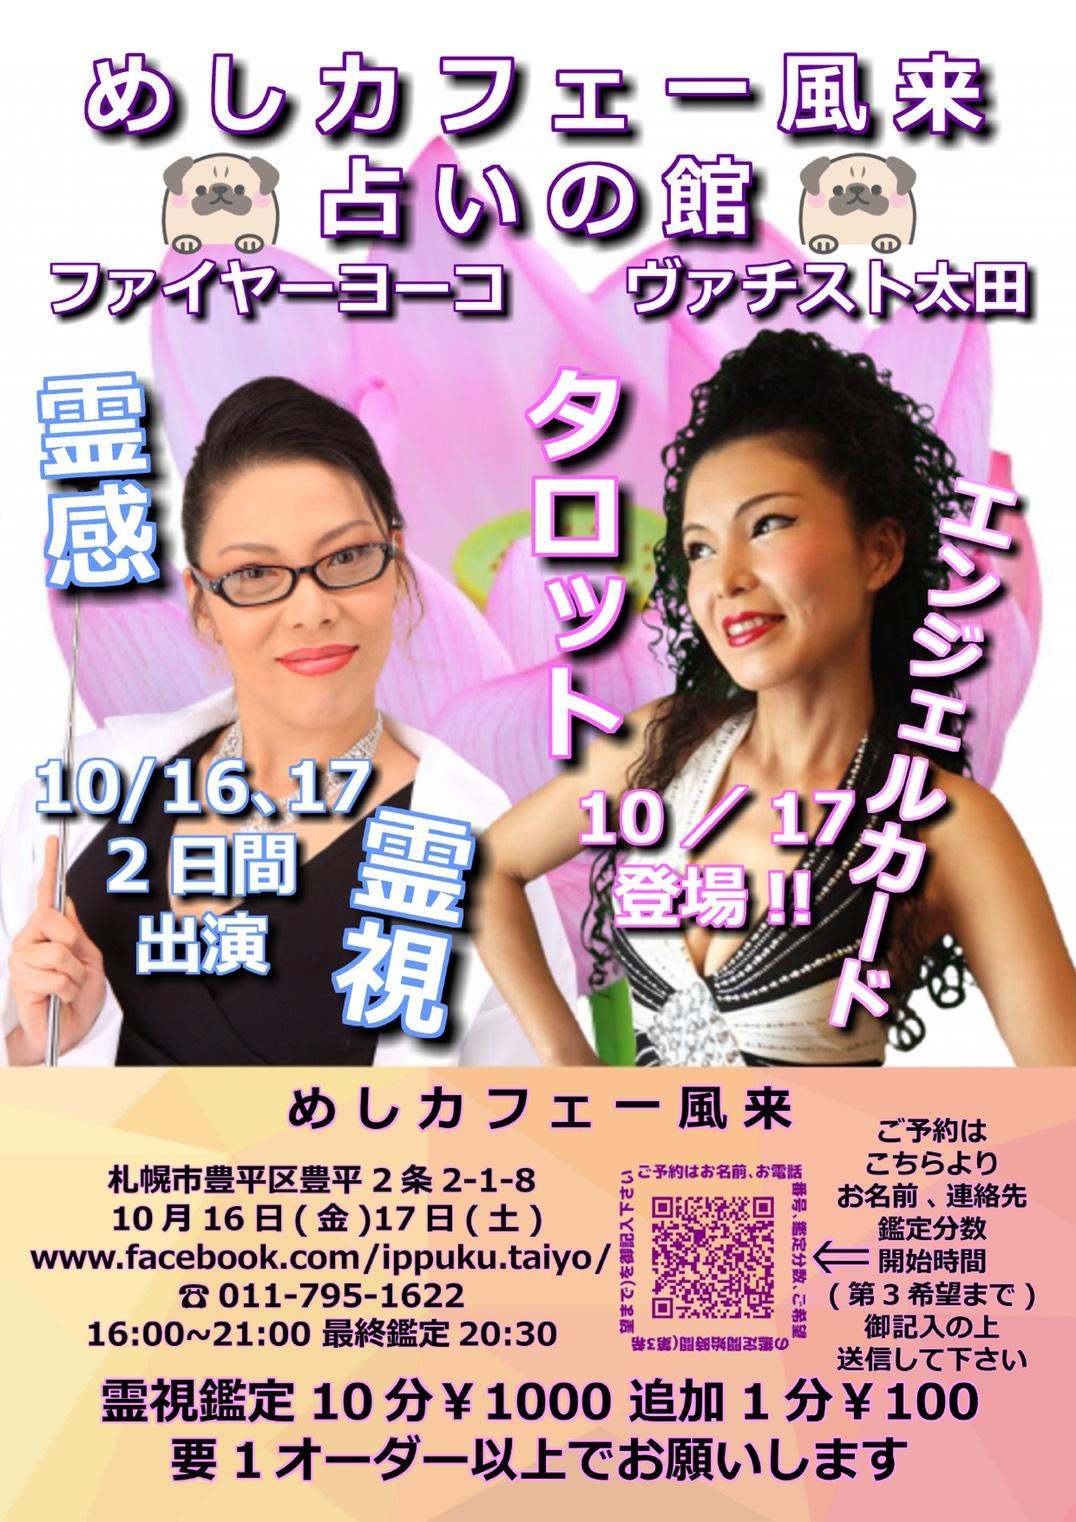 ヴァチスト太田の占い鑑定ツアー in 札幌 画像1